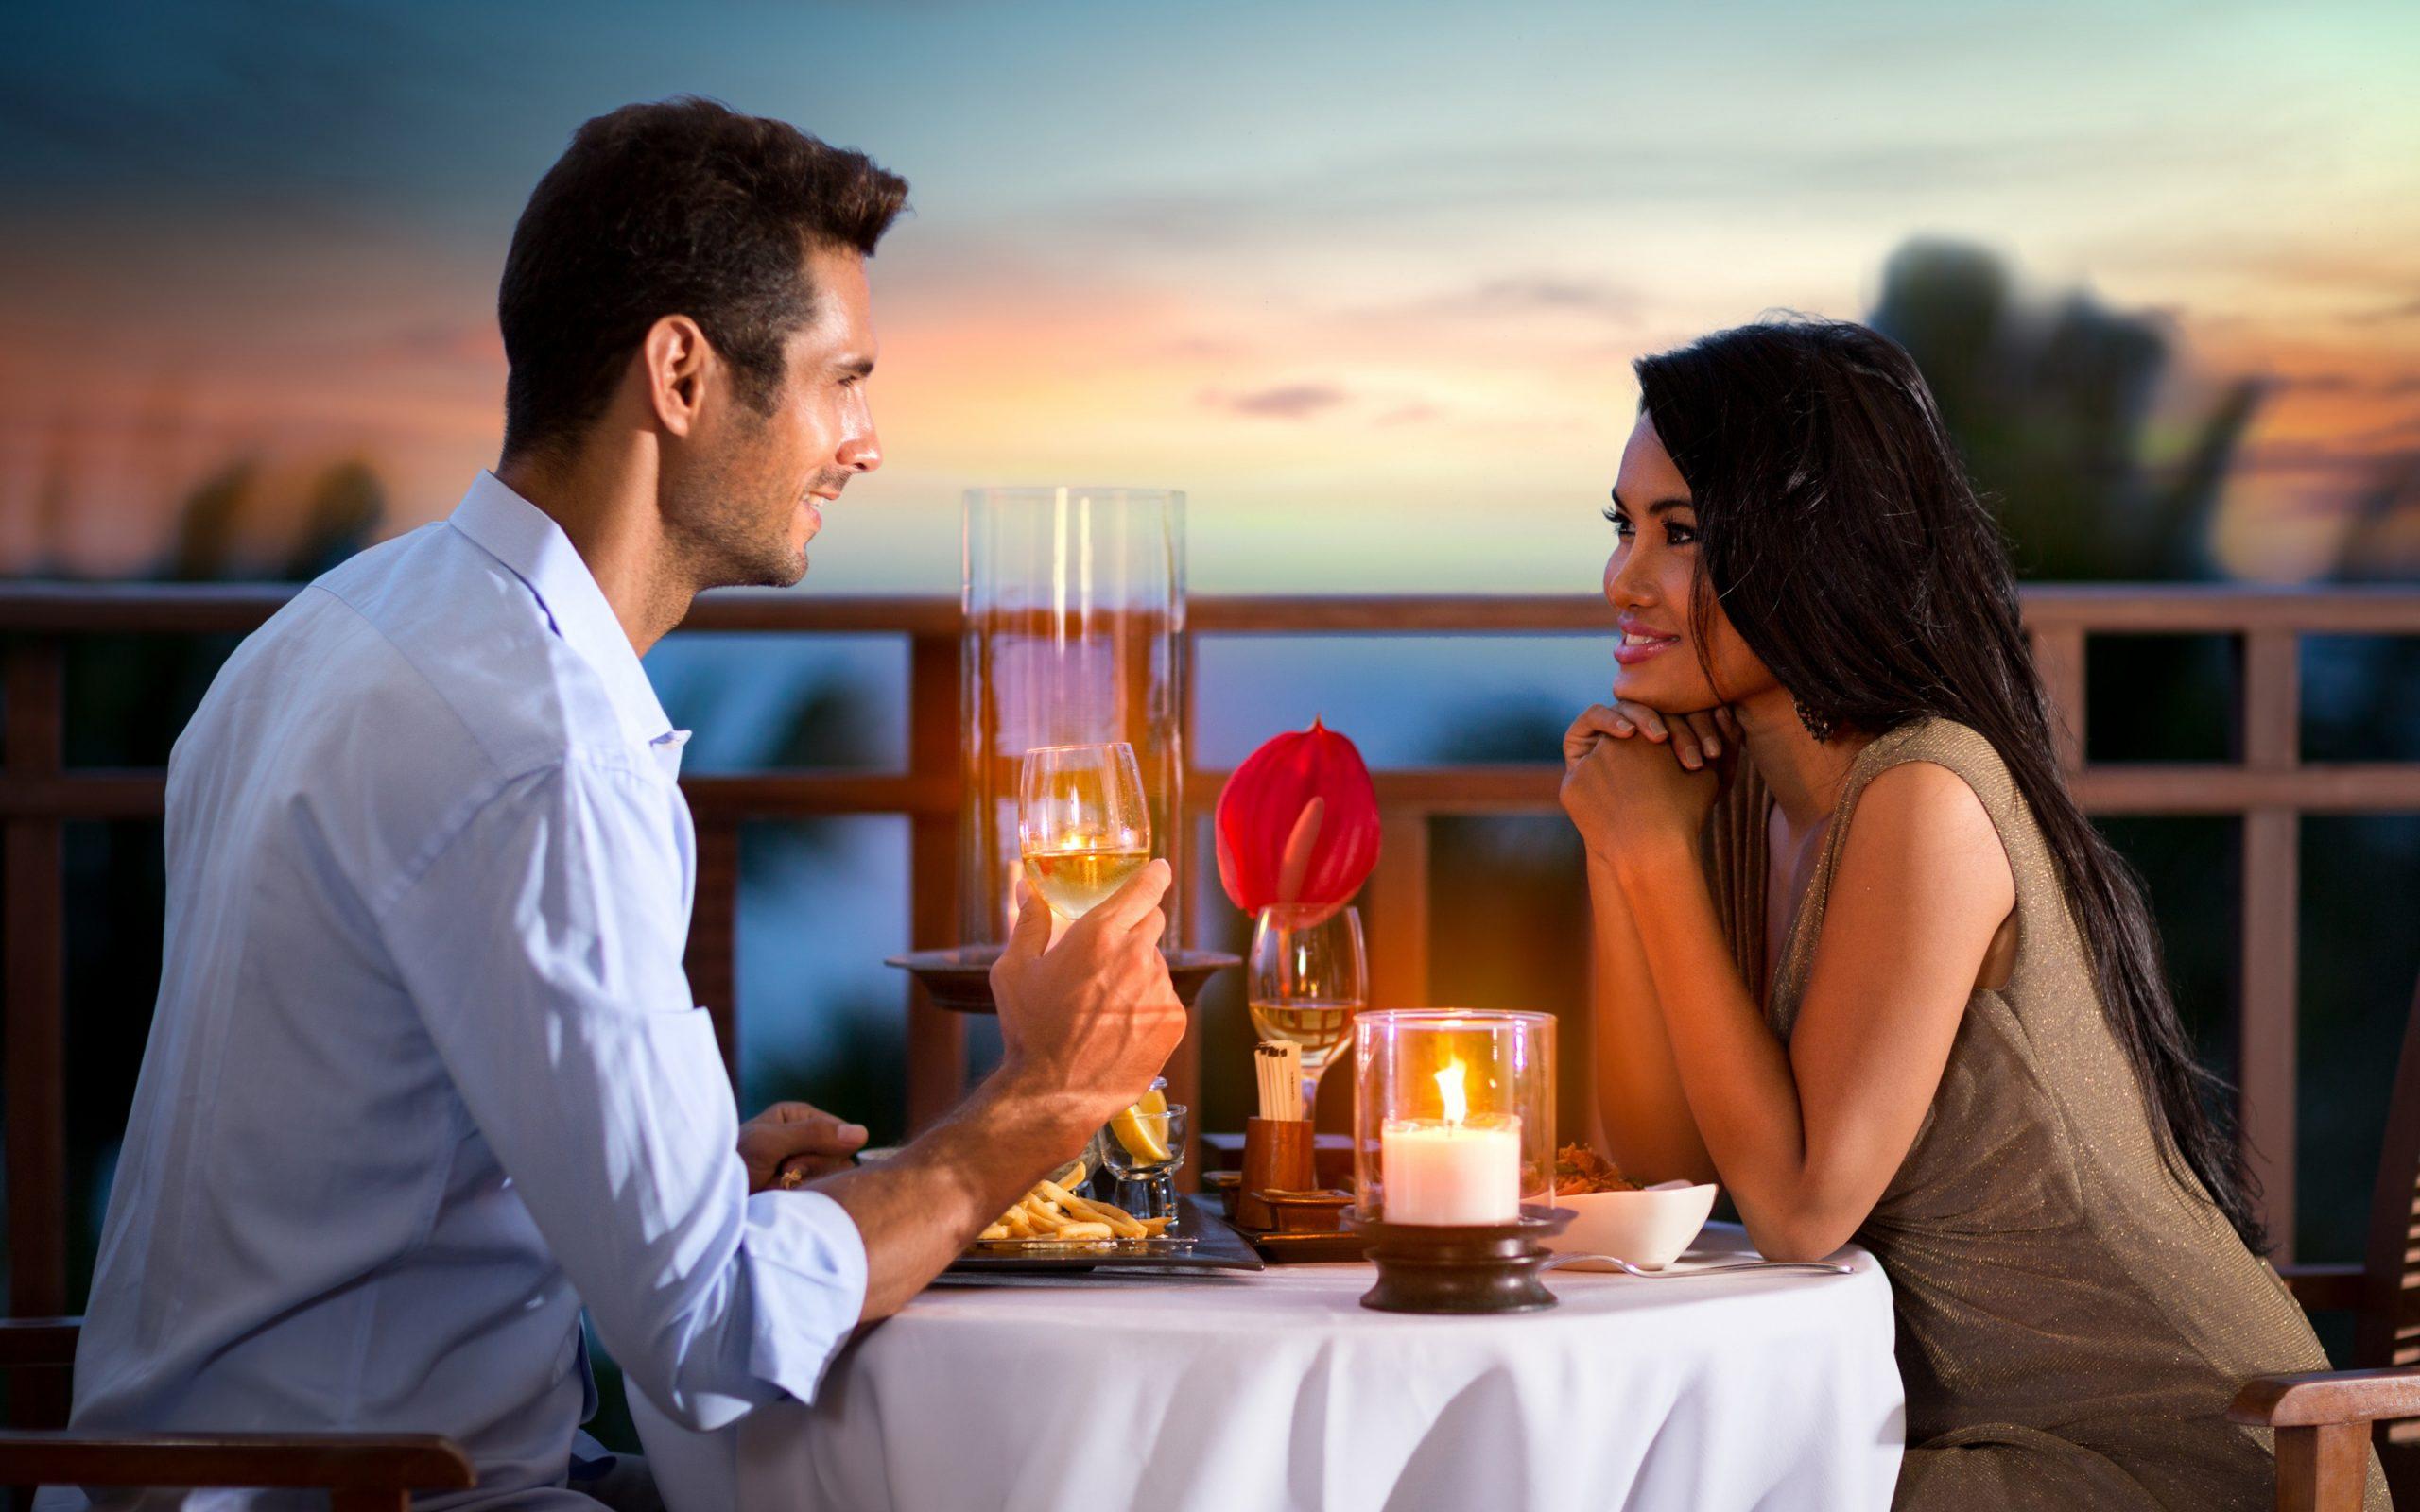 романтика для мужчины